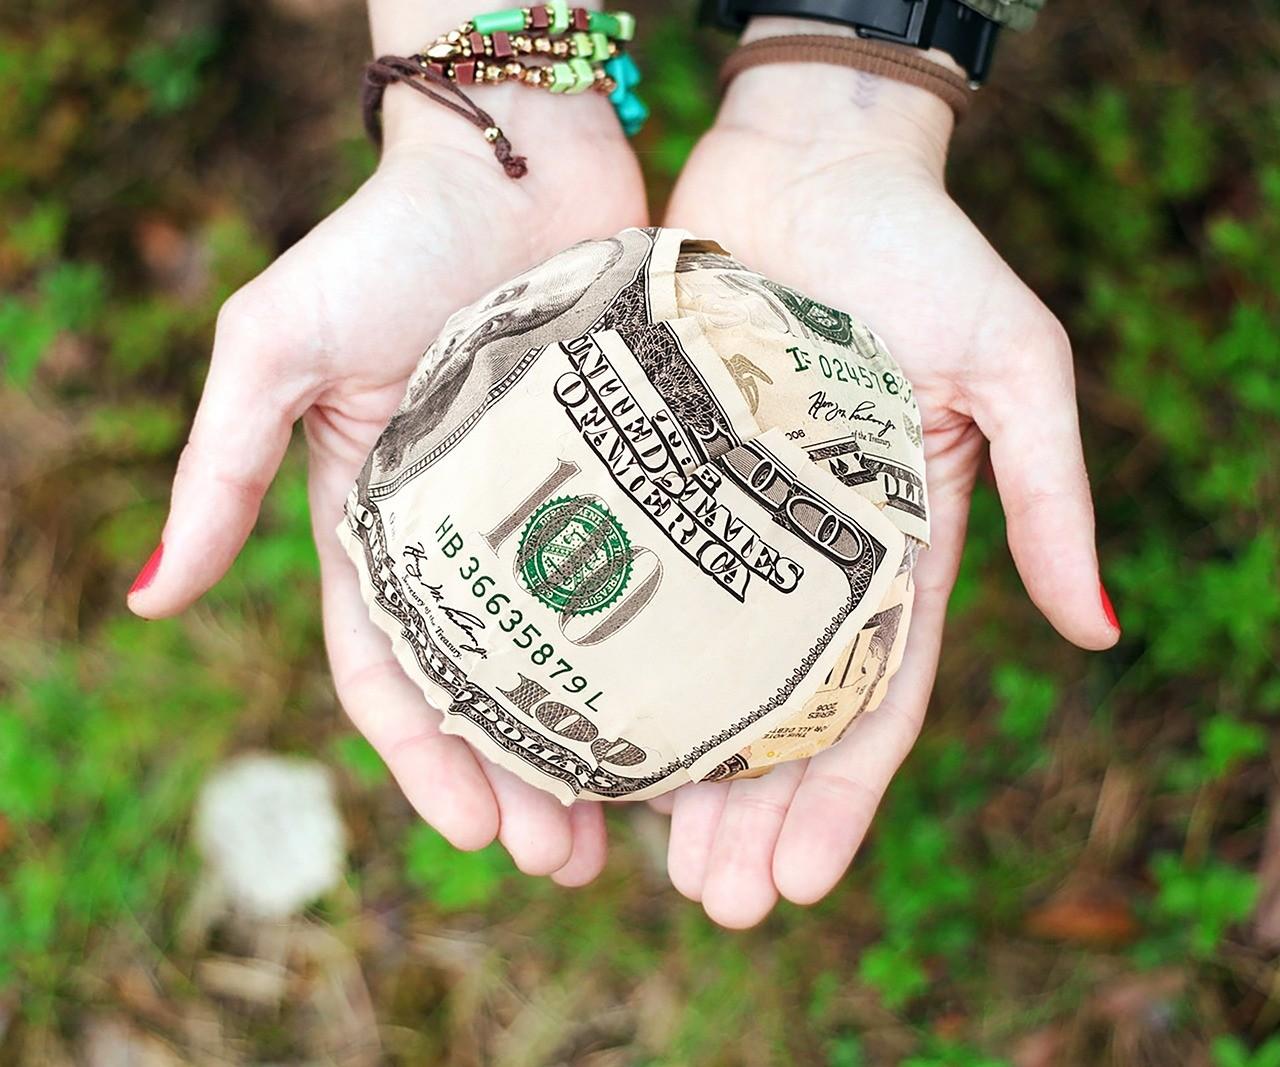 ▲▼ 捐款,捐錢,慈善,做善事。(圖/取自免費圖庫pixabay)